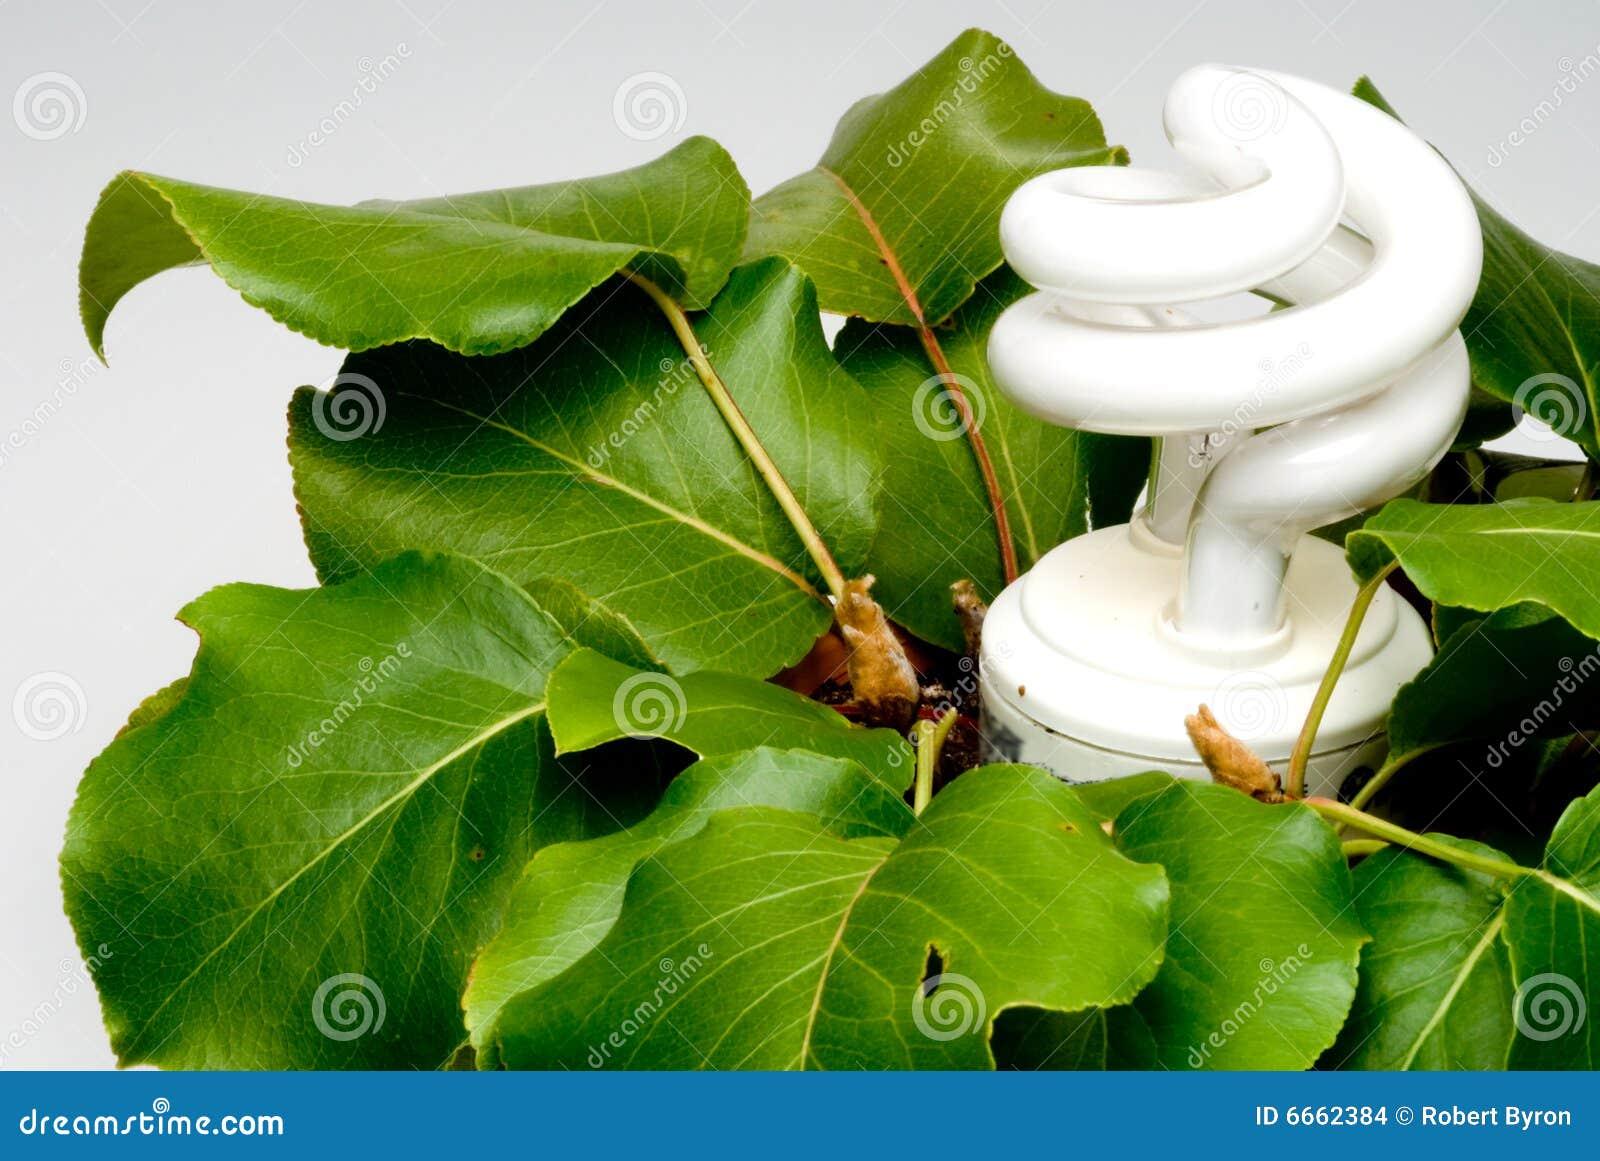 light bulb in plant stock images image 6662384. Black Bedroom Furniture Sets. Home Design Ideas